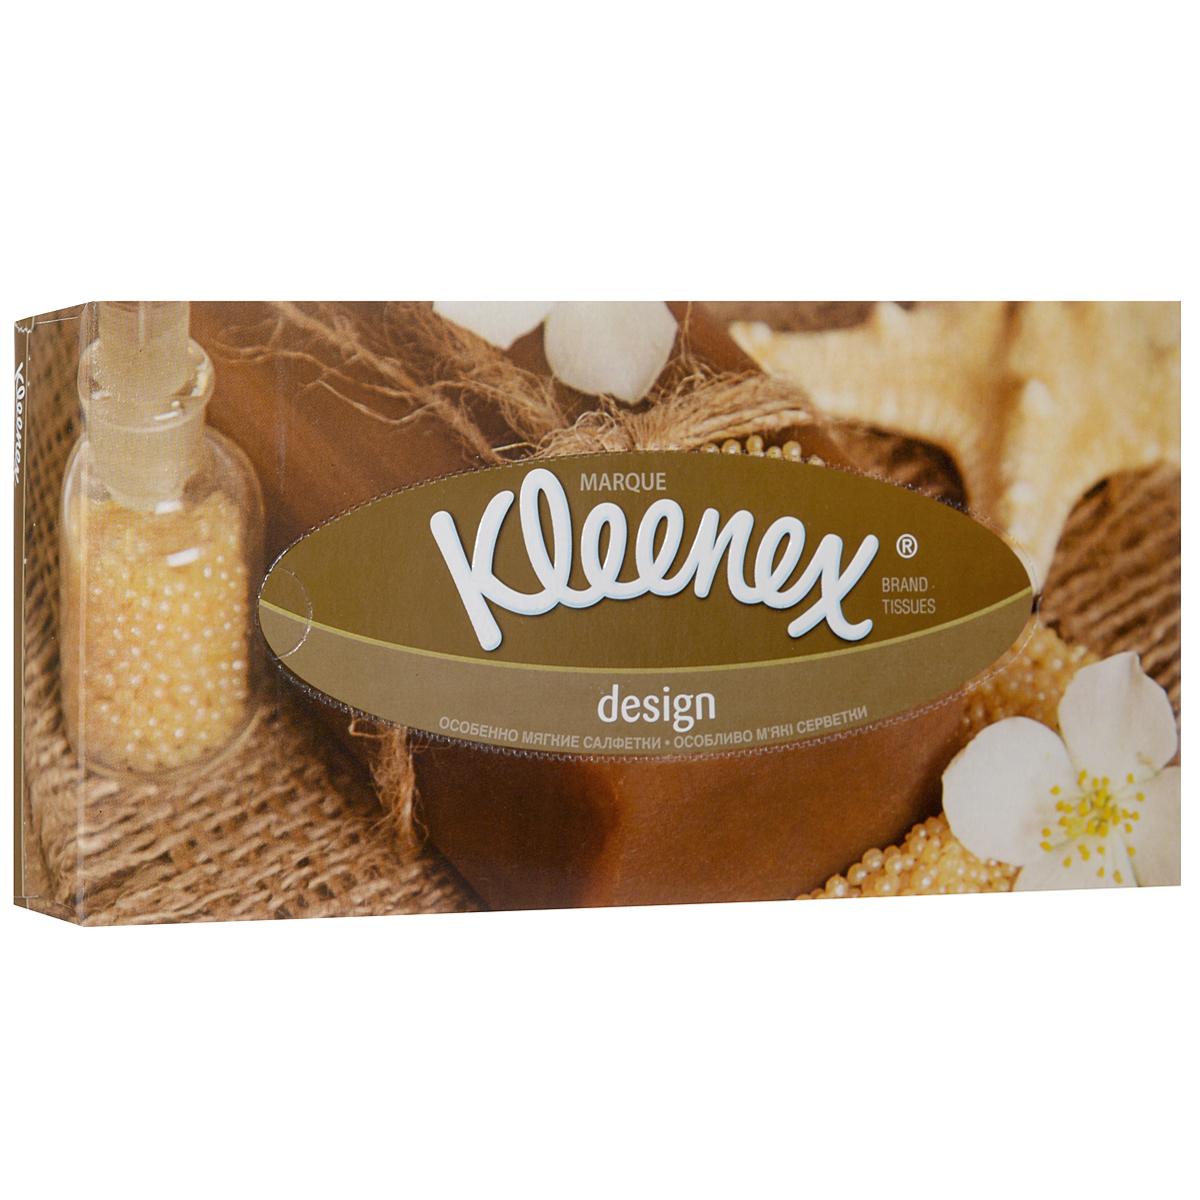 Салфетки универсальные Kleenex Design, двухслойные, 70 шт26083177Серия салфеток Kleenex Design объединяет коробки 3-х дизайнов, которые не только поднимают настроение, но и идеально вписываются в интерьер каждой комнаты.